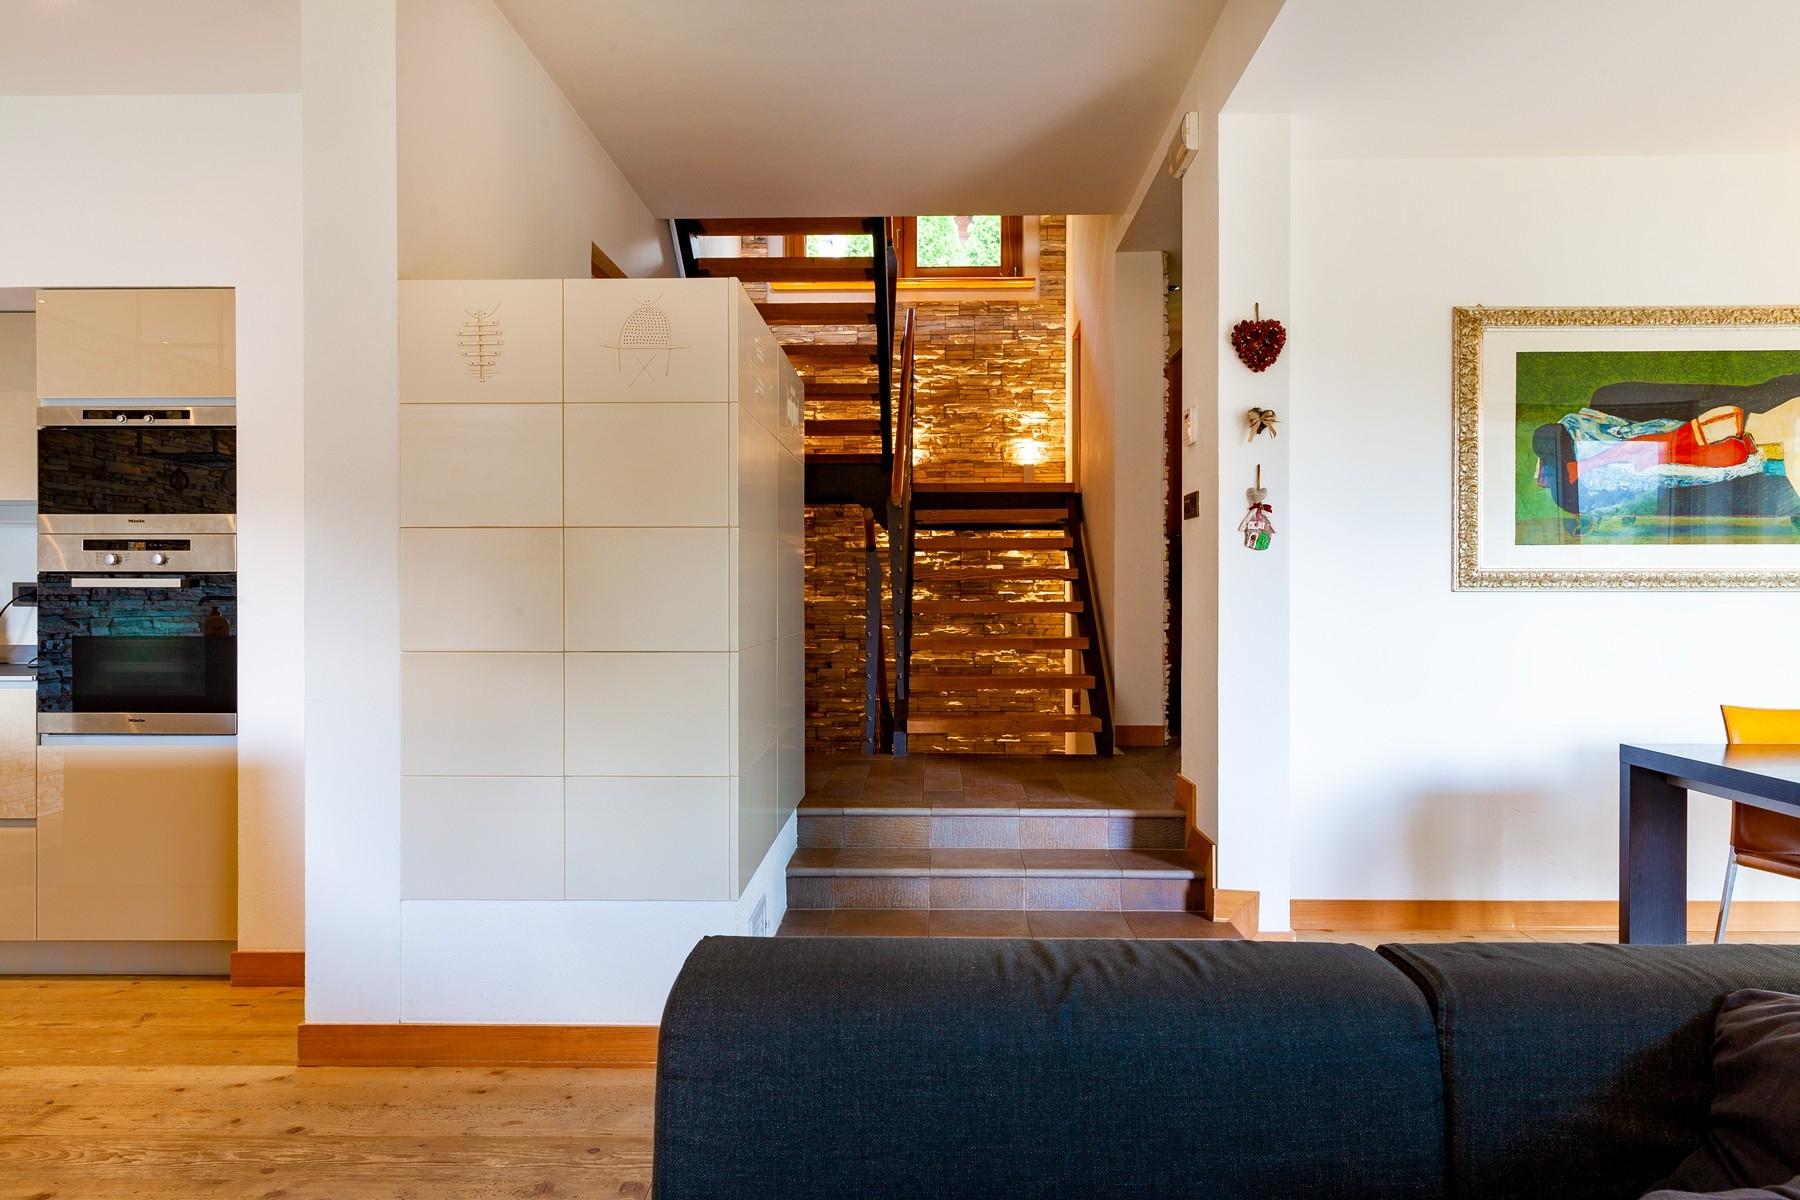 Casa indipendente in Vendita a Tarvisio: 5 locali, 300 mq - Foto 14